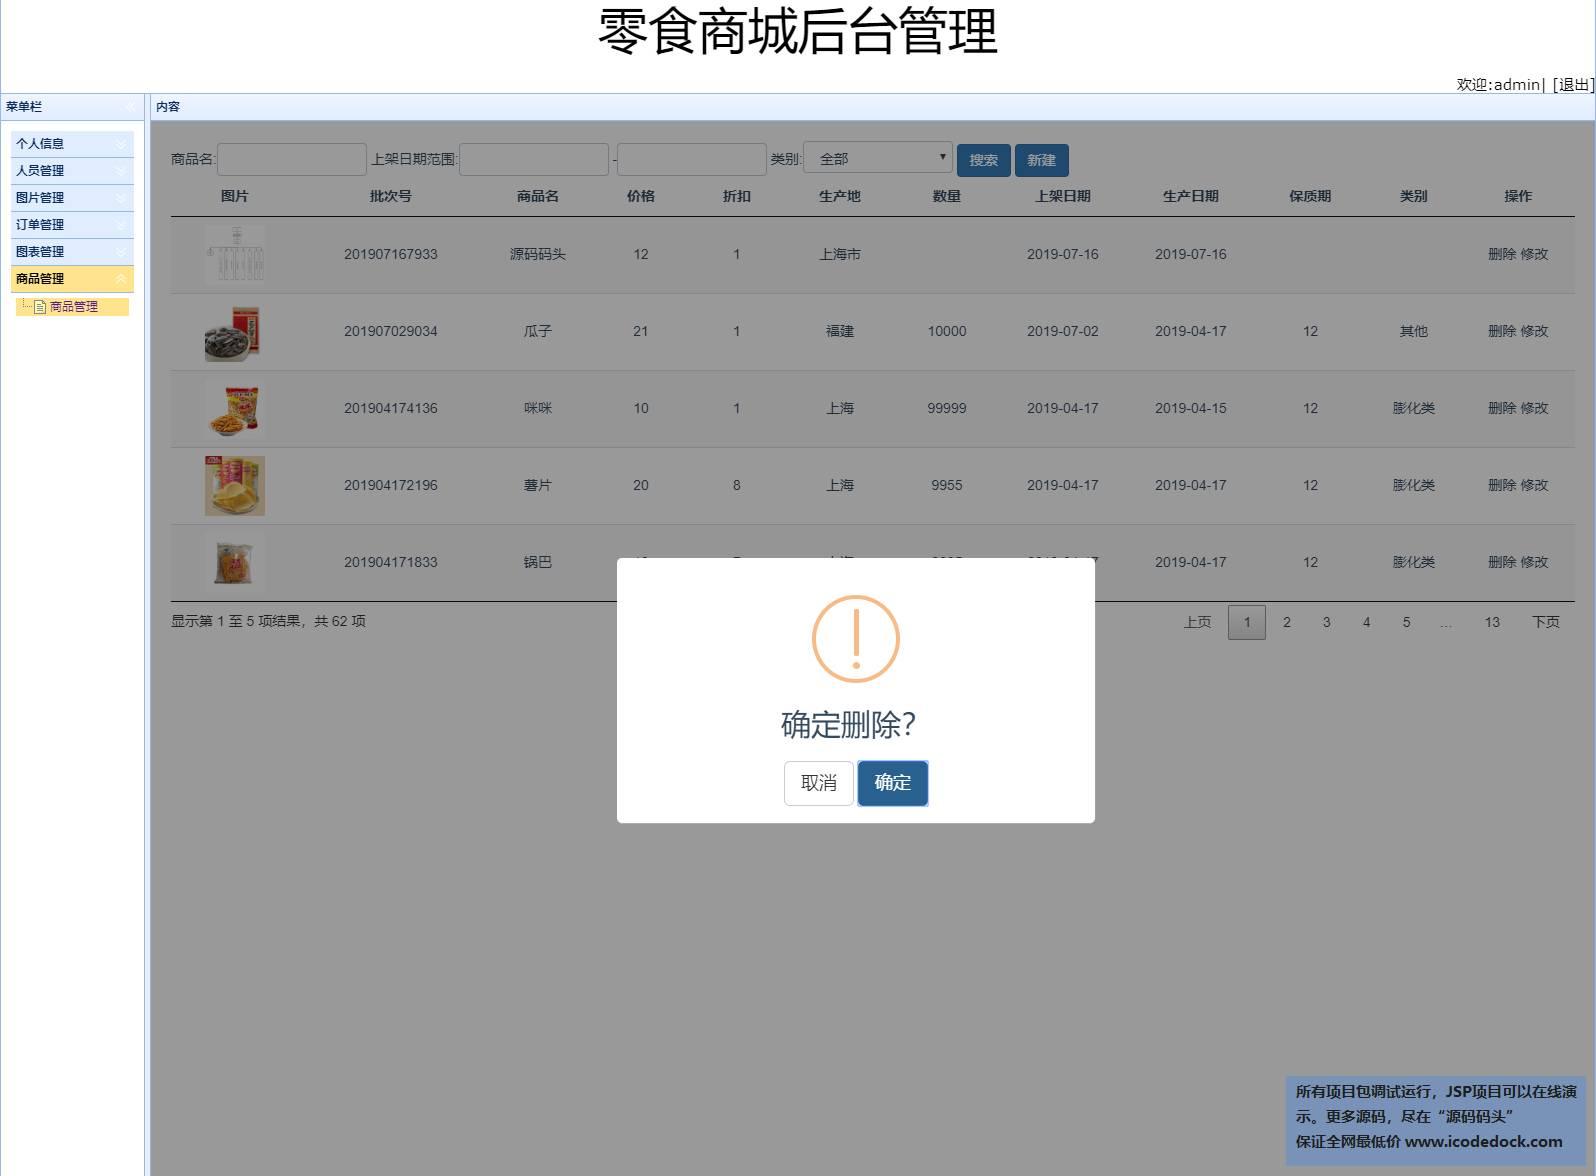 源码码头-SSM网上零食商城-管理员角色-商品管理